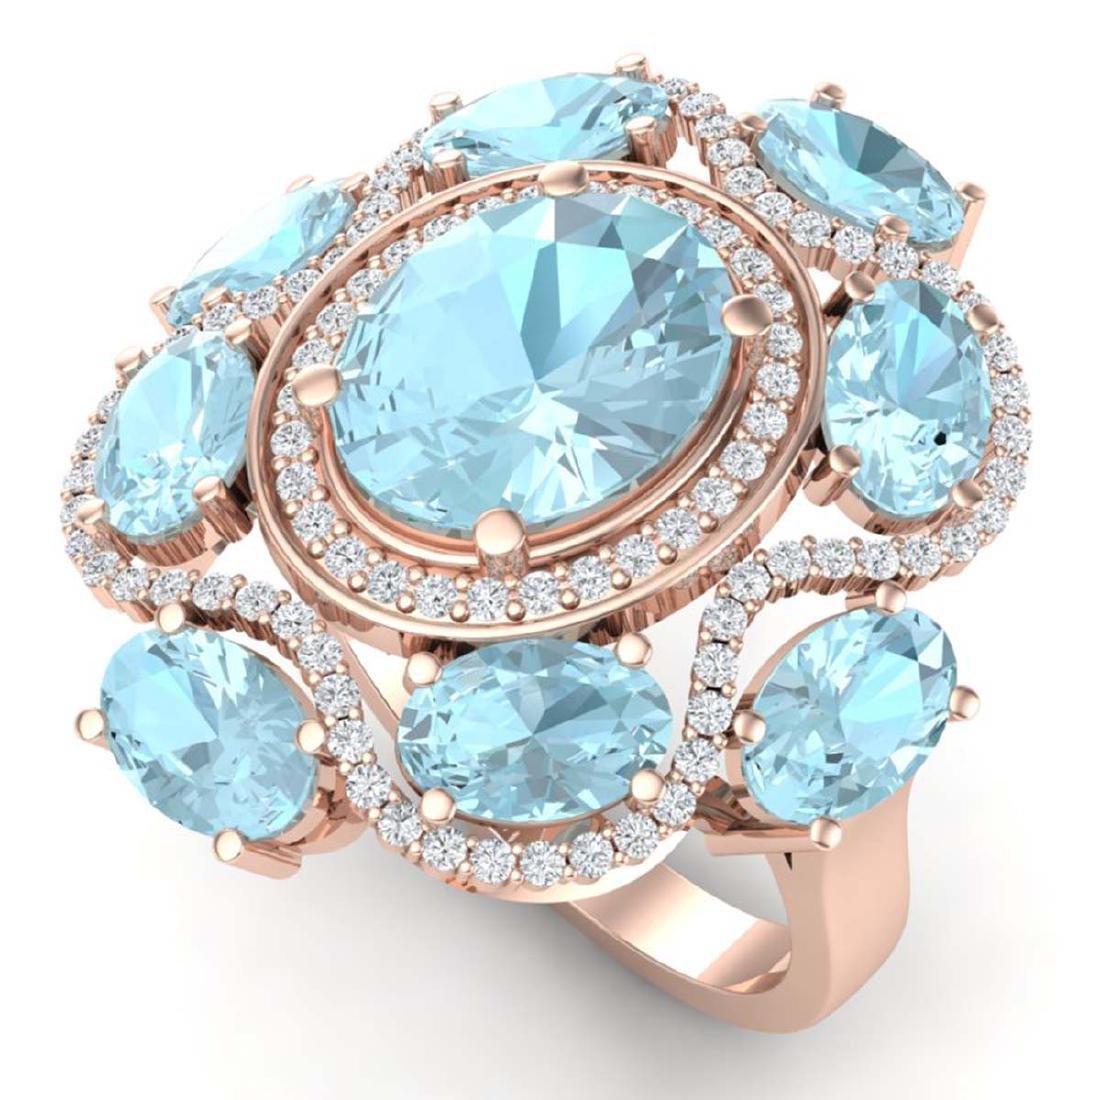 9.26 CTW Royalty Sky Topaz & VS Diamond Ring 18K Rose